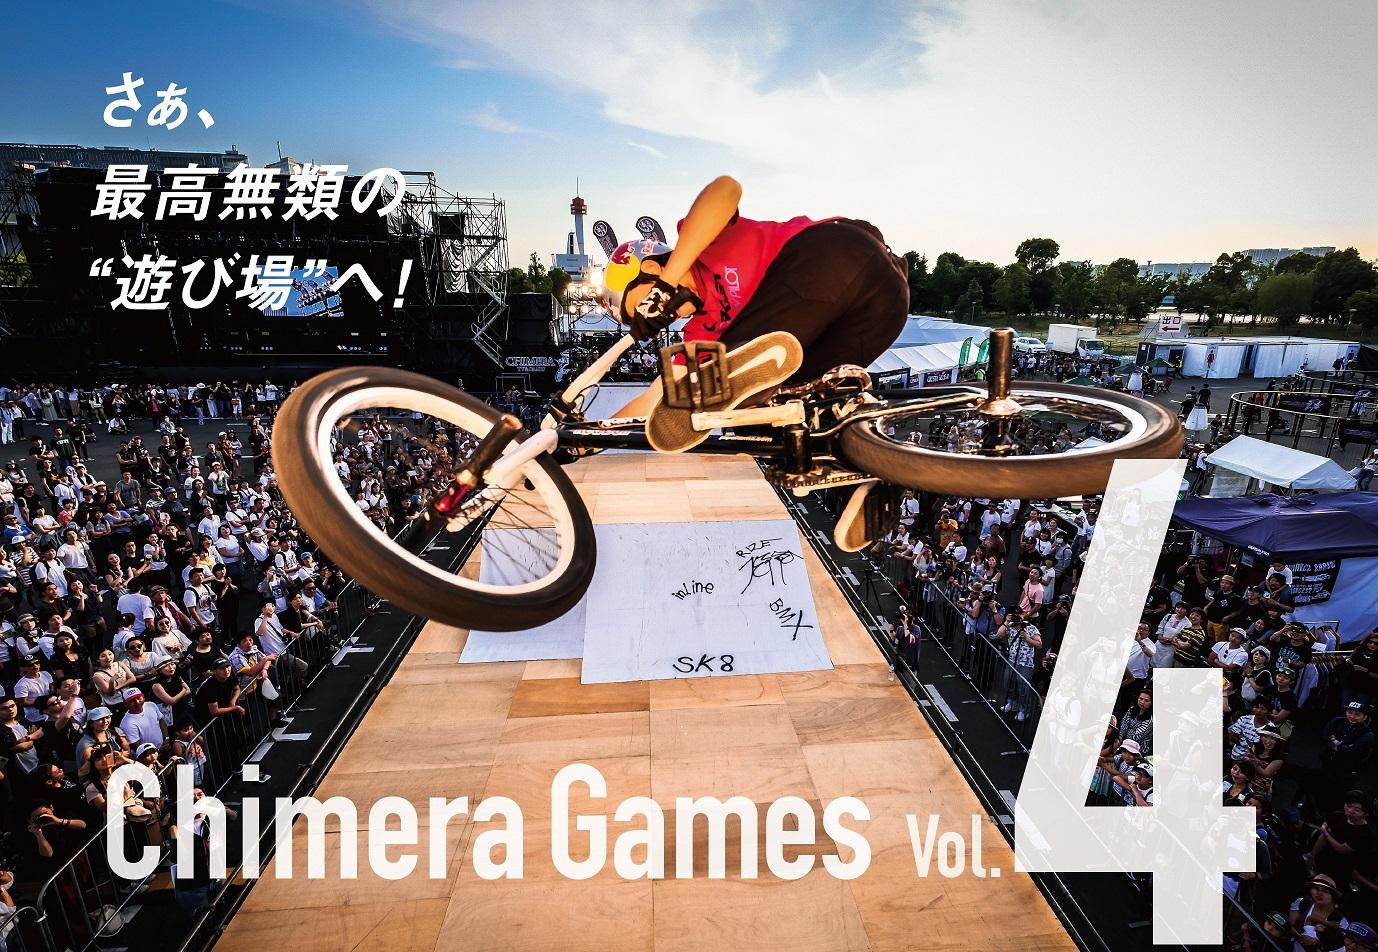 """""""大道芸・BMX&インラインスケート""""夏のストリートパフォーマンス開催!日本を代表するプロライダー・トッププレイヤーがジャンルを越えて一堂に集結[みろくの里]"""